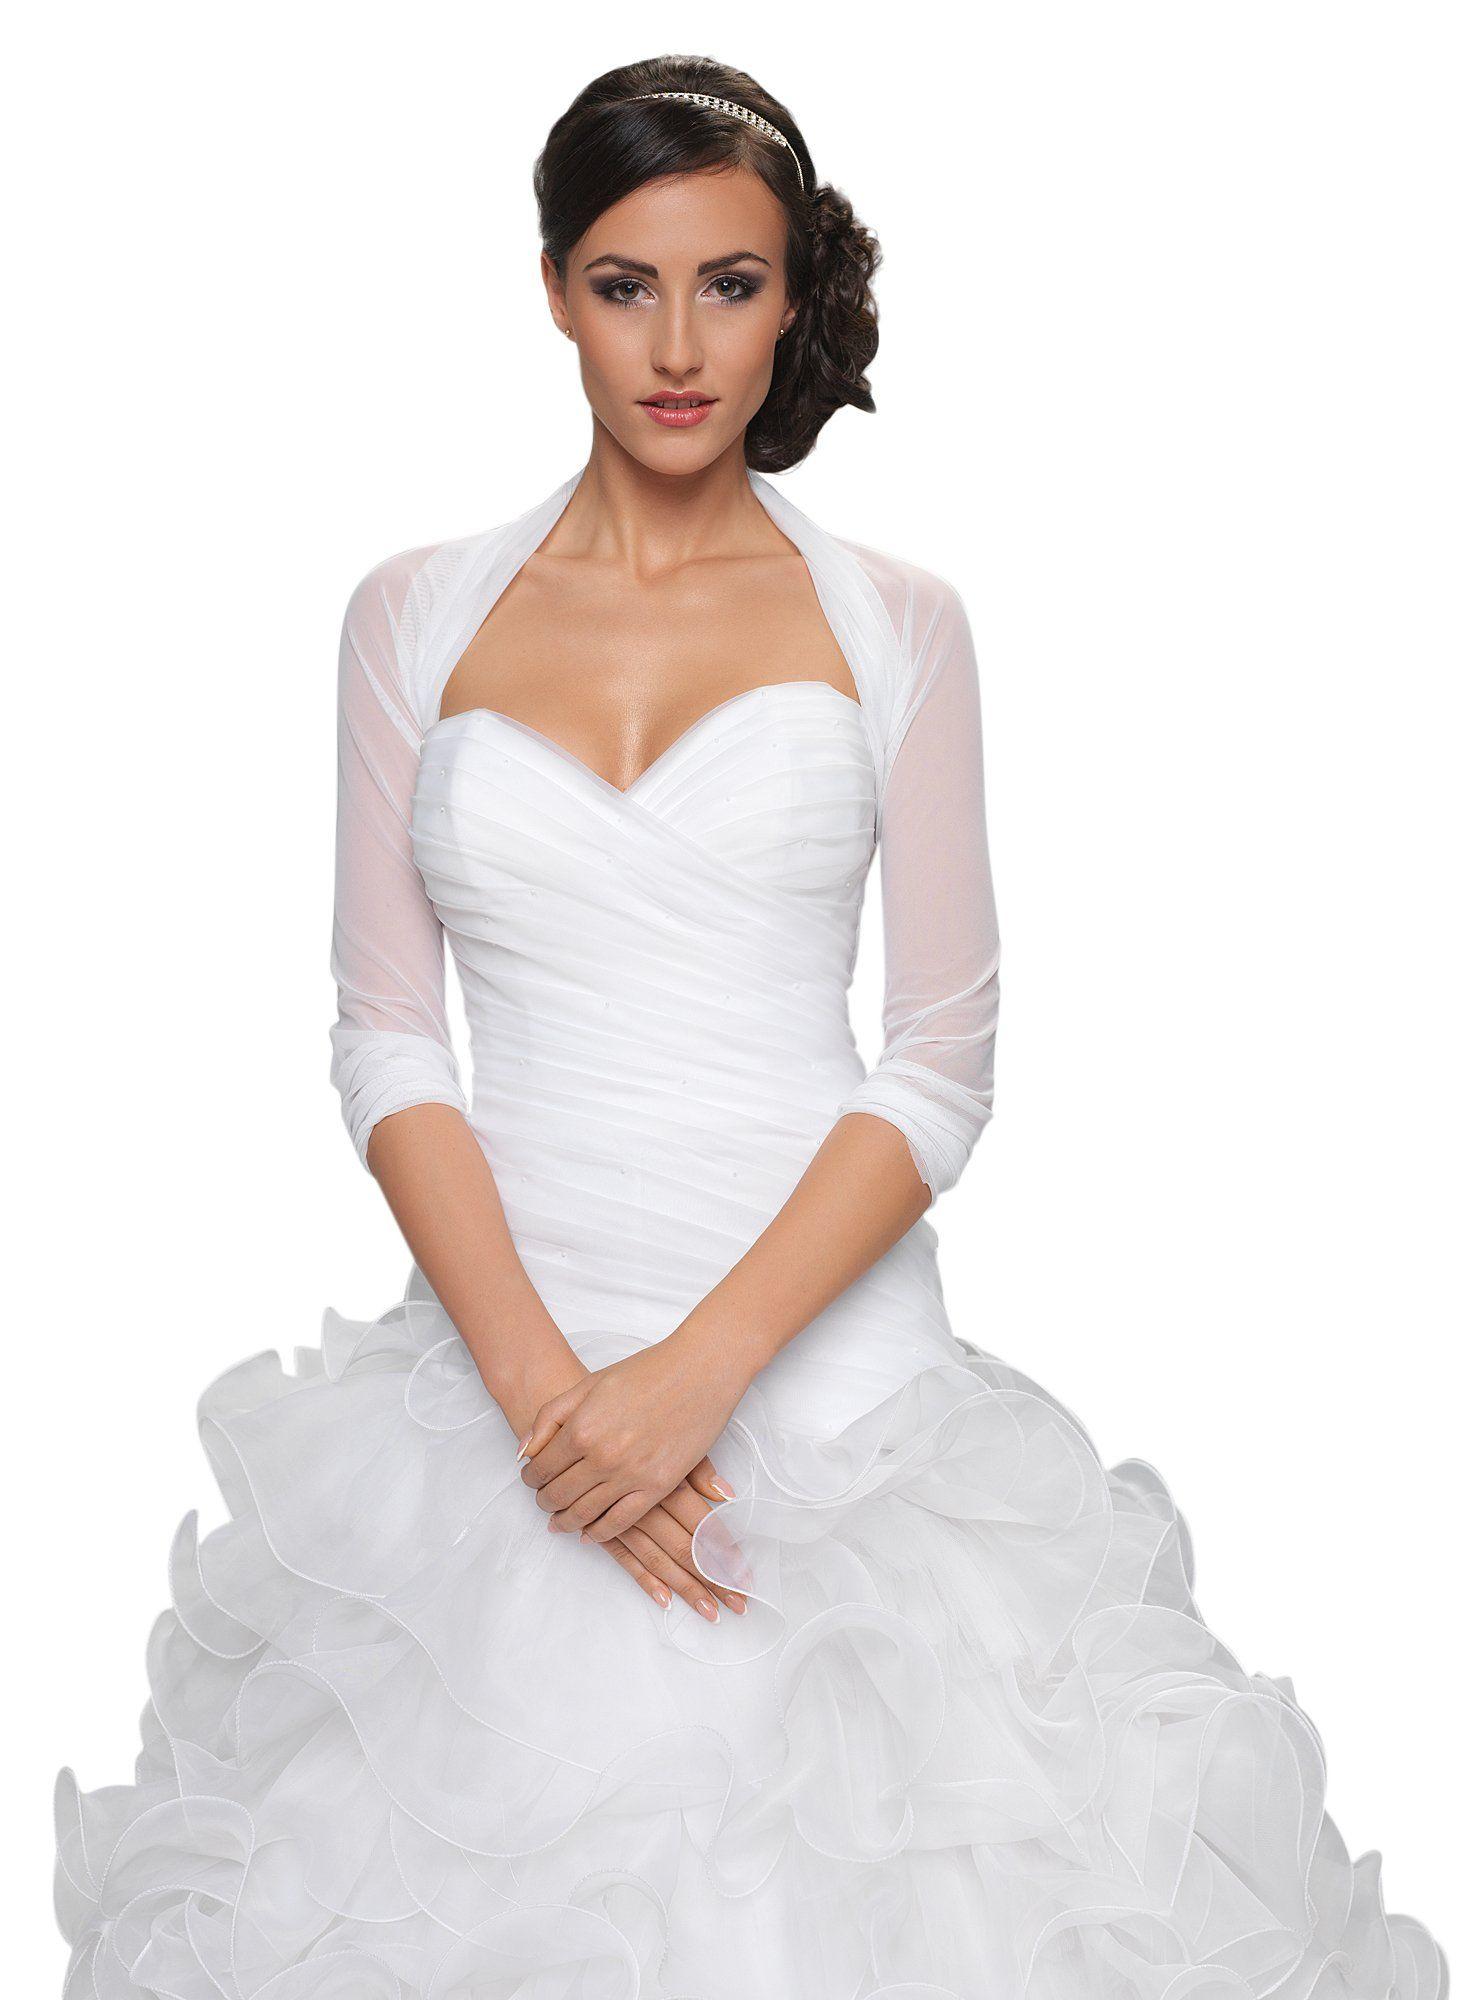 bolro pour jeune marie tulle bolro veste mariage manche longueur 34 ivoire - Bolero Mariage Blanc